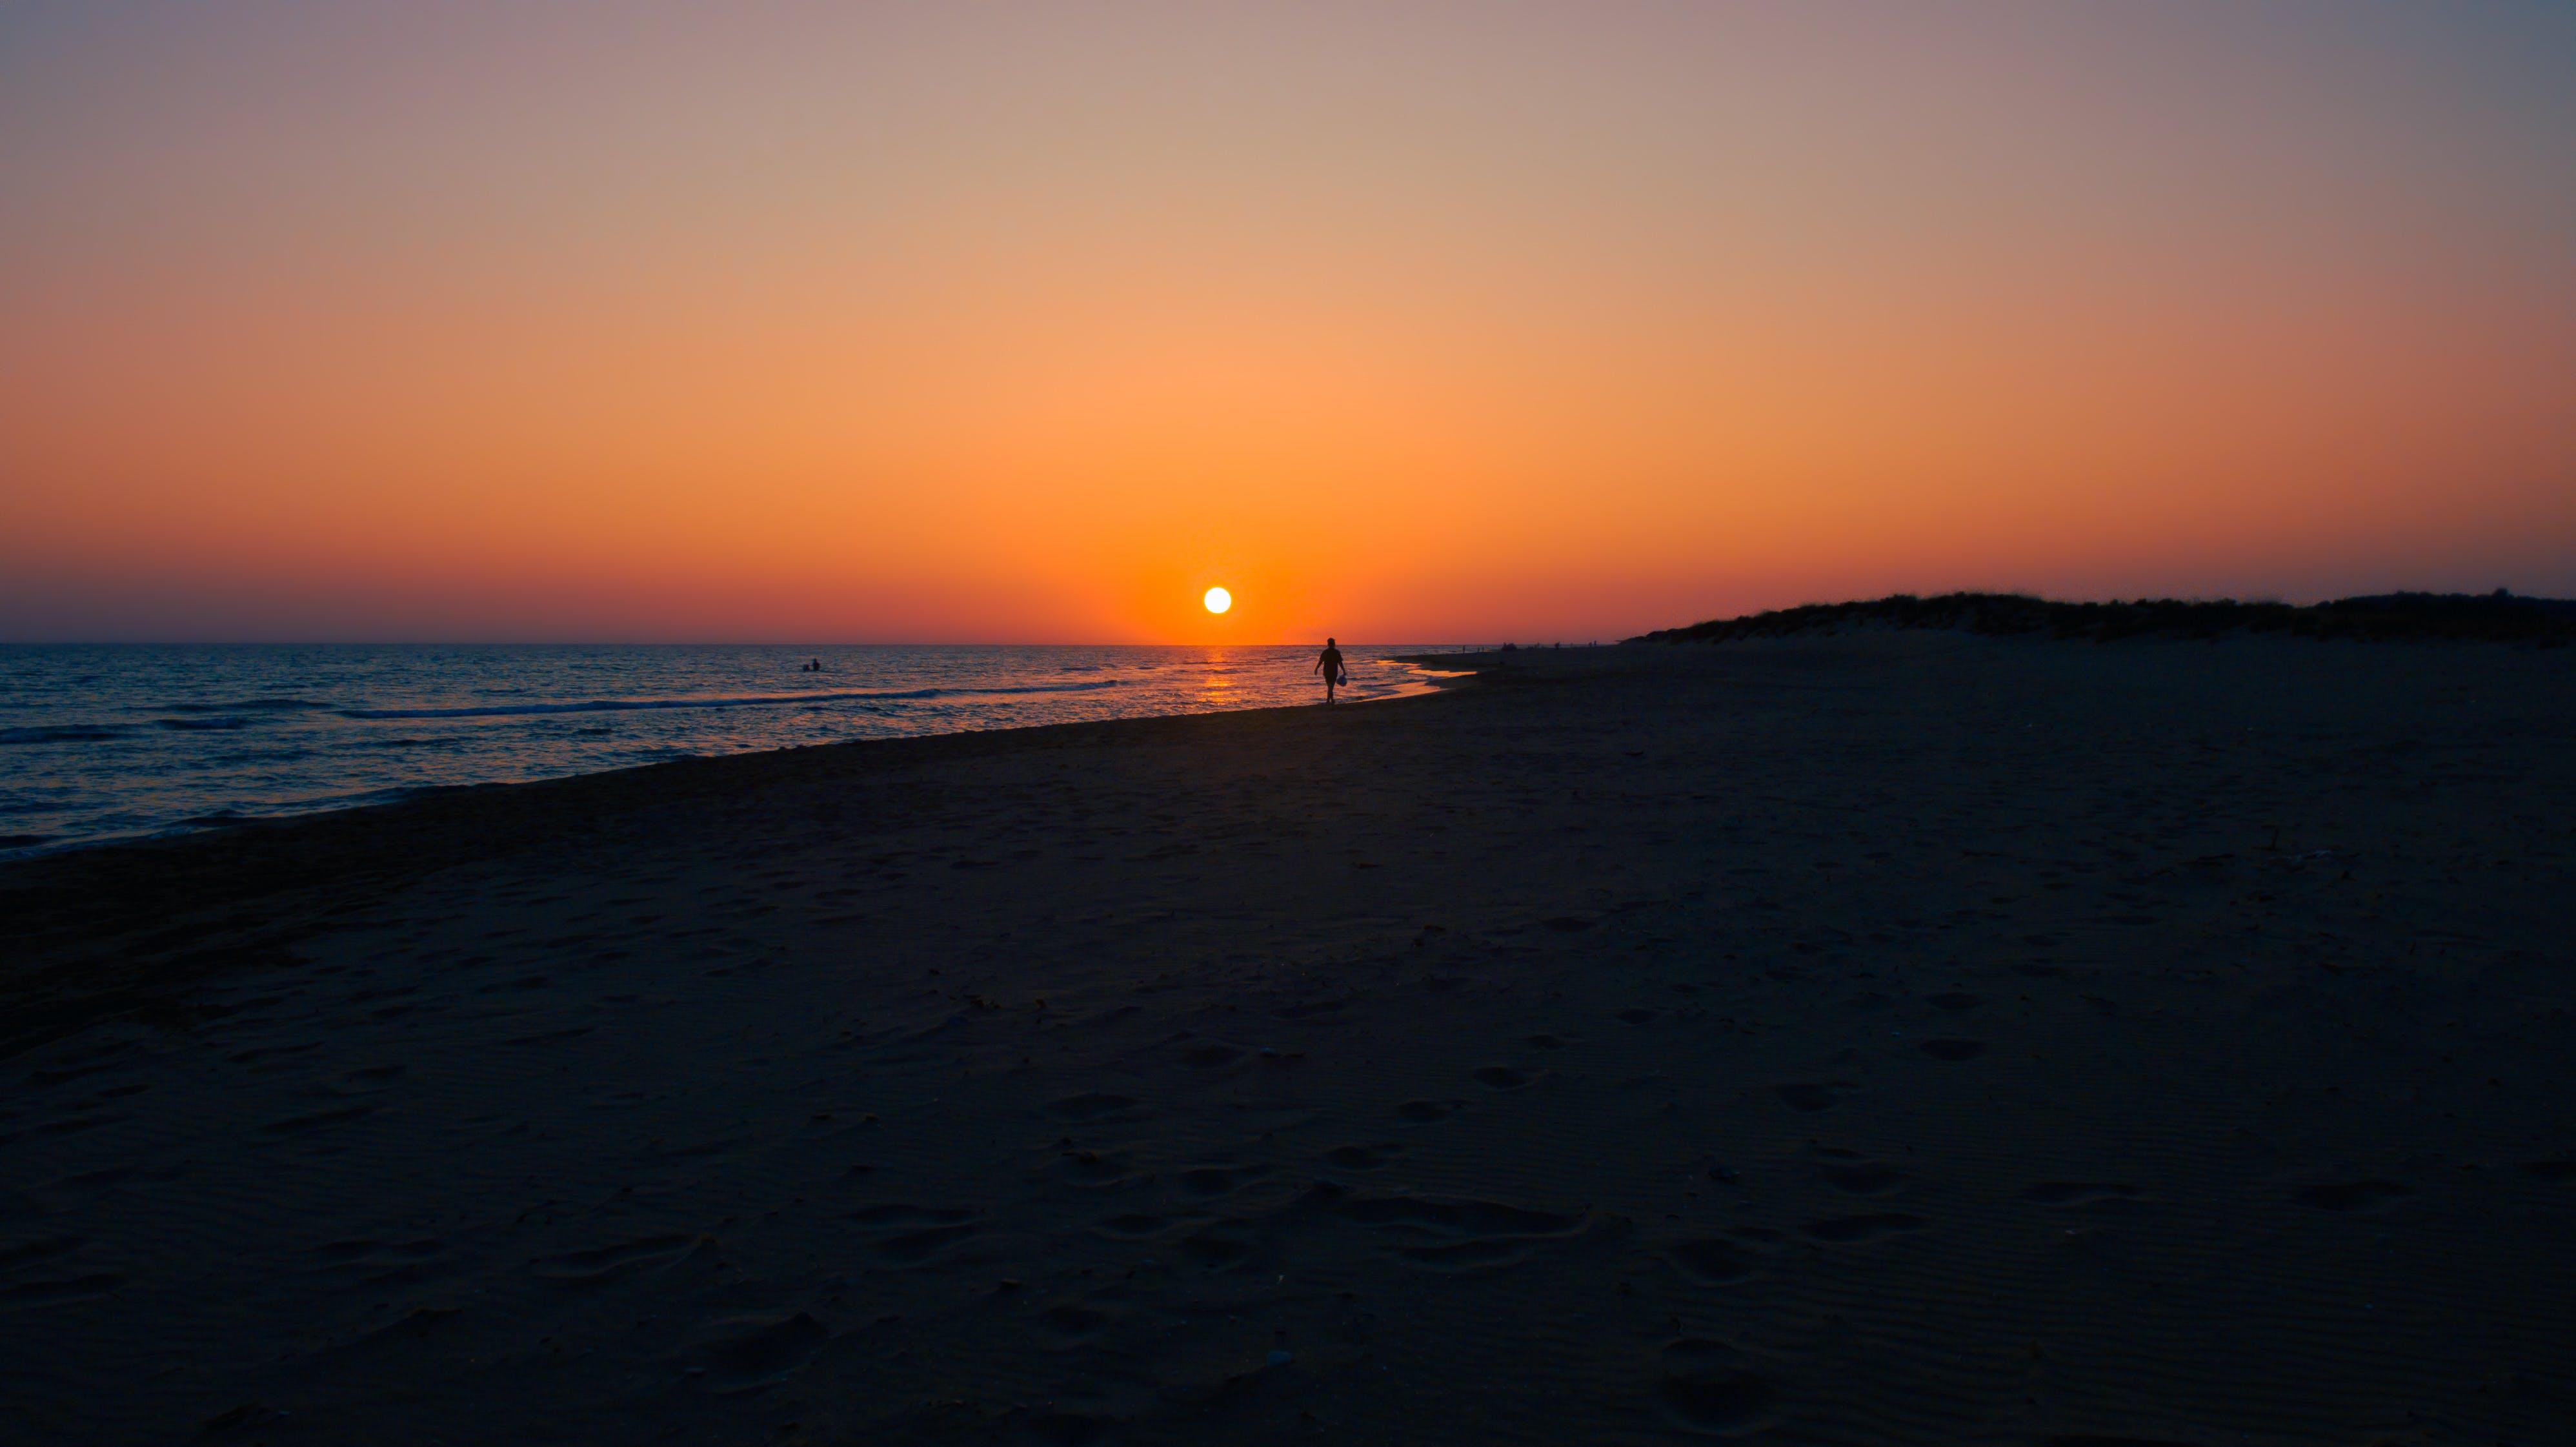 克里特島, 剪影, 天空, 太陽 的 免費圖庫相片